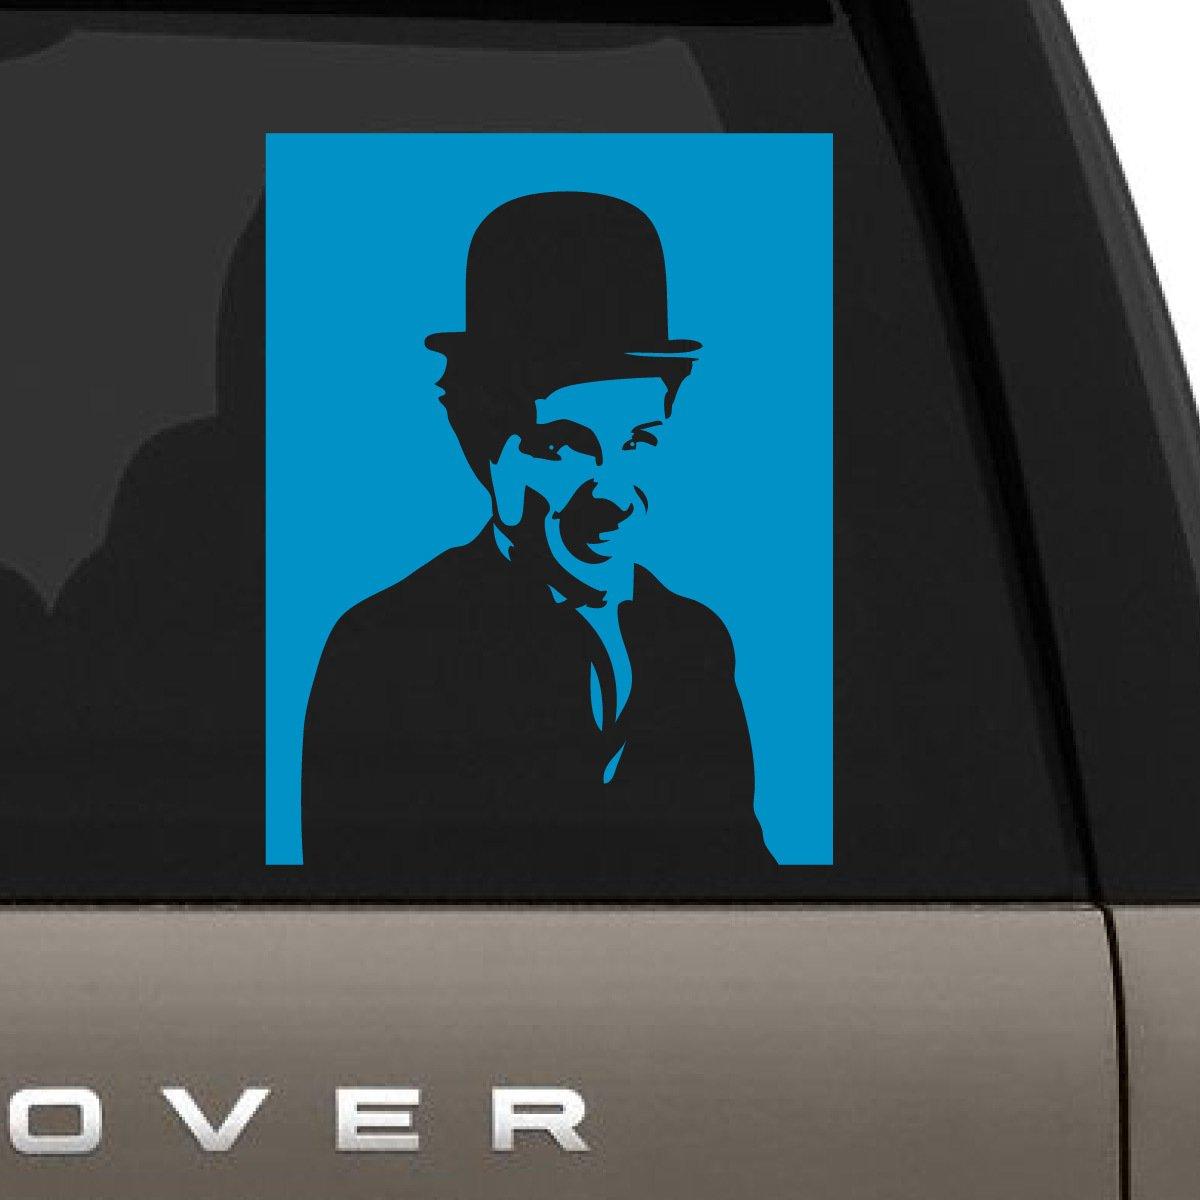 卸売 Charlie Charlie Chaplin Smiling車デカール B07235MX7P、Die Cut for Vinyl Decal for Windows車、トラック、ツールボックス、ノートパソコン、ほぼすべてmacbook-ハード、滑らかな表面 8